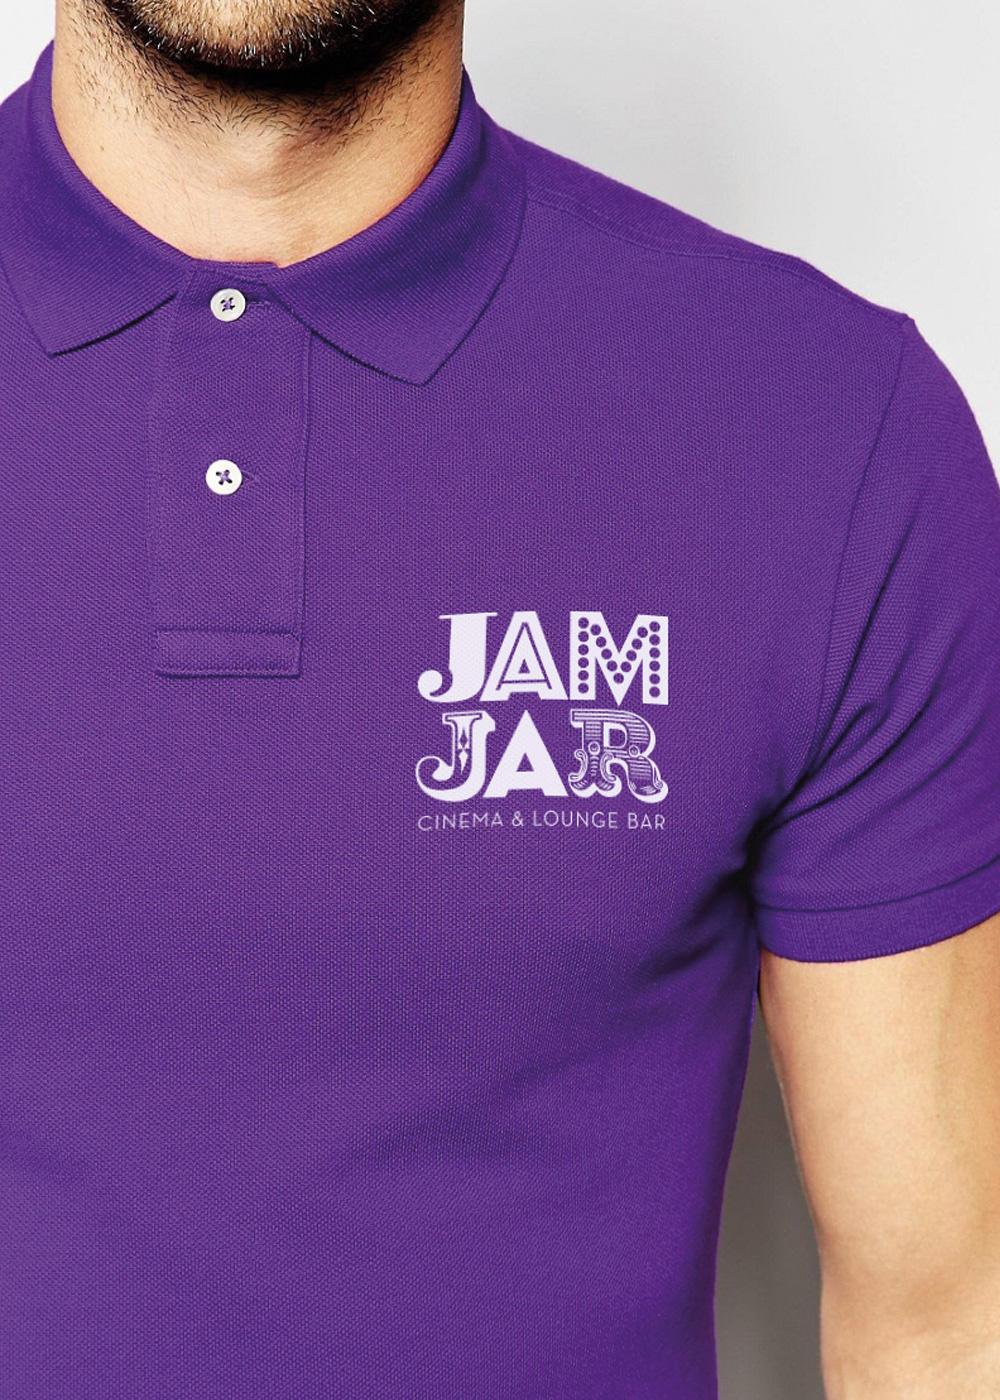 Jam Jar Cinema polo shirt